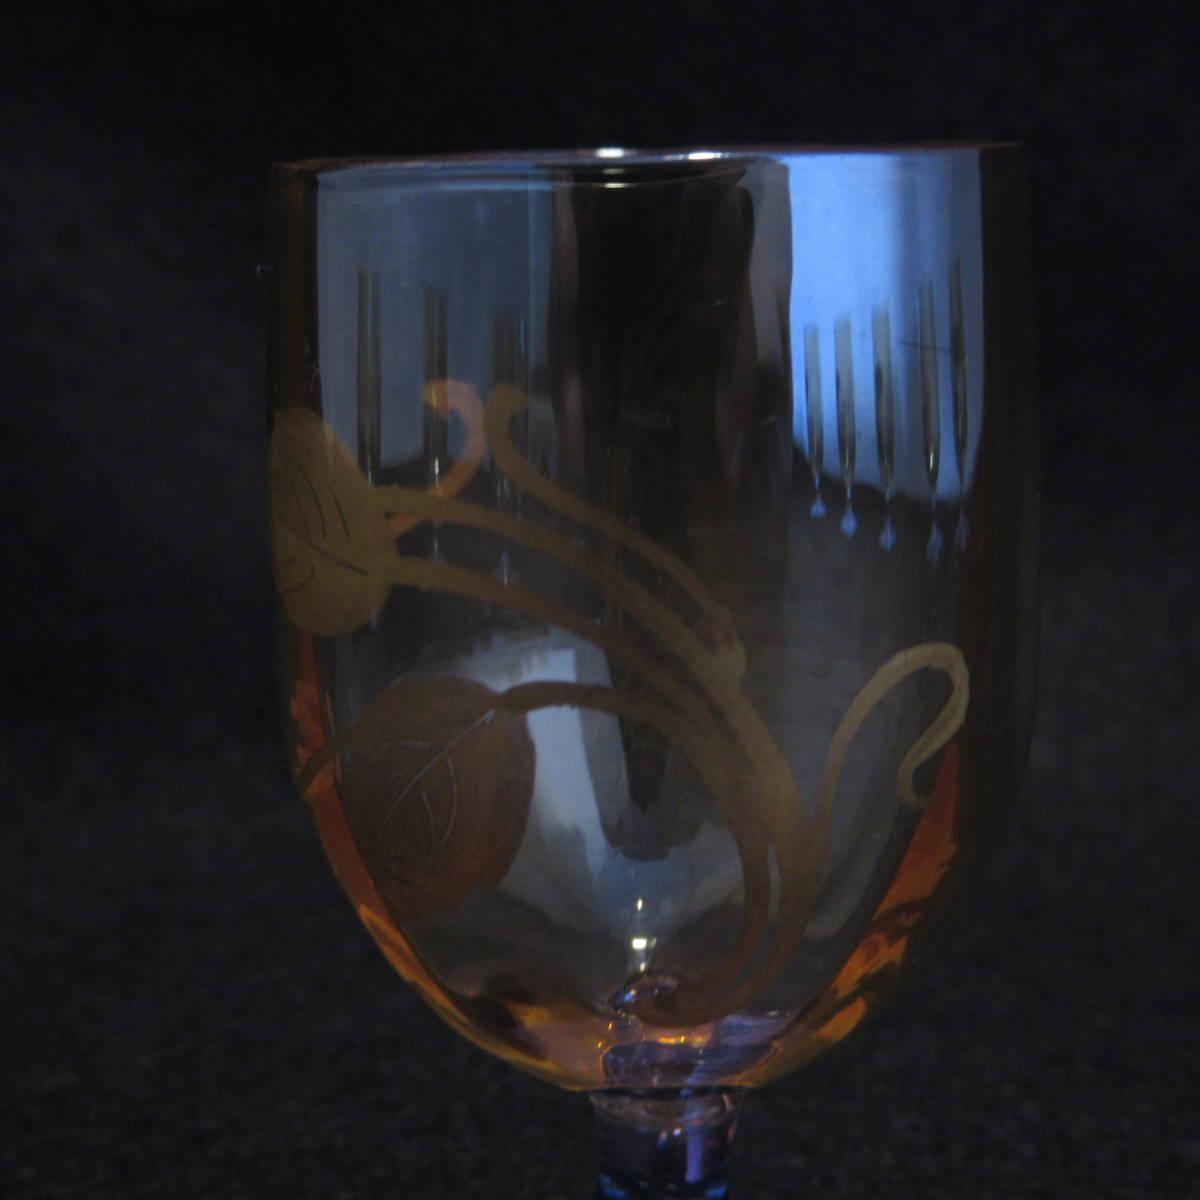 アンティークバカラ1890年頃 ラスター彩 グラス等 12点セット_画像6